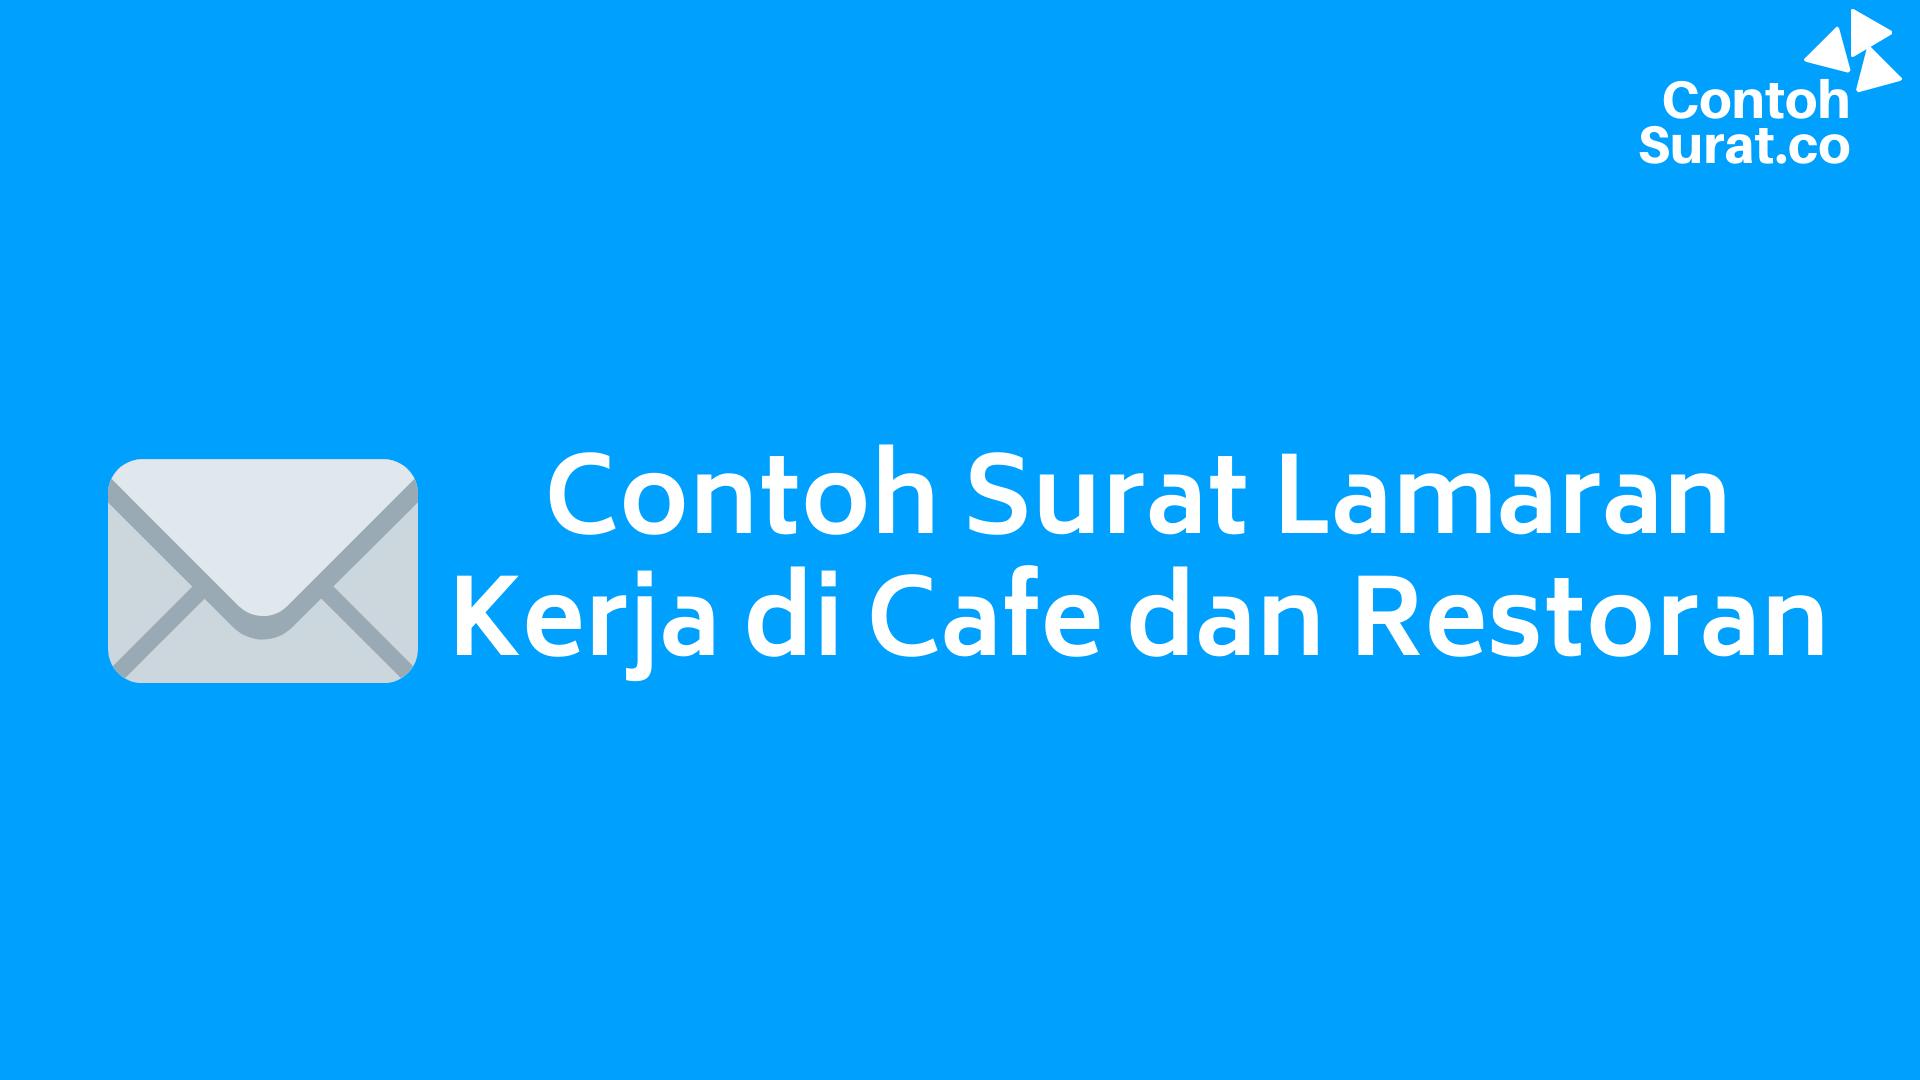 Contoh Surat Lamaran Kerja di Cafe dan Restoran